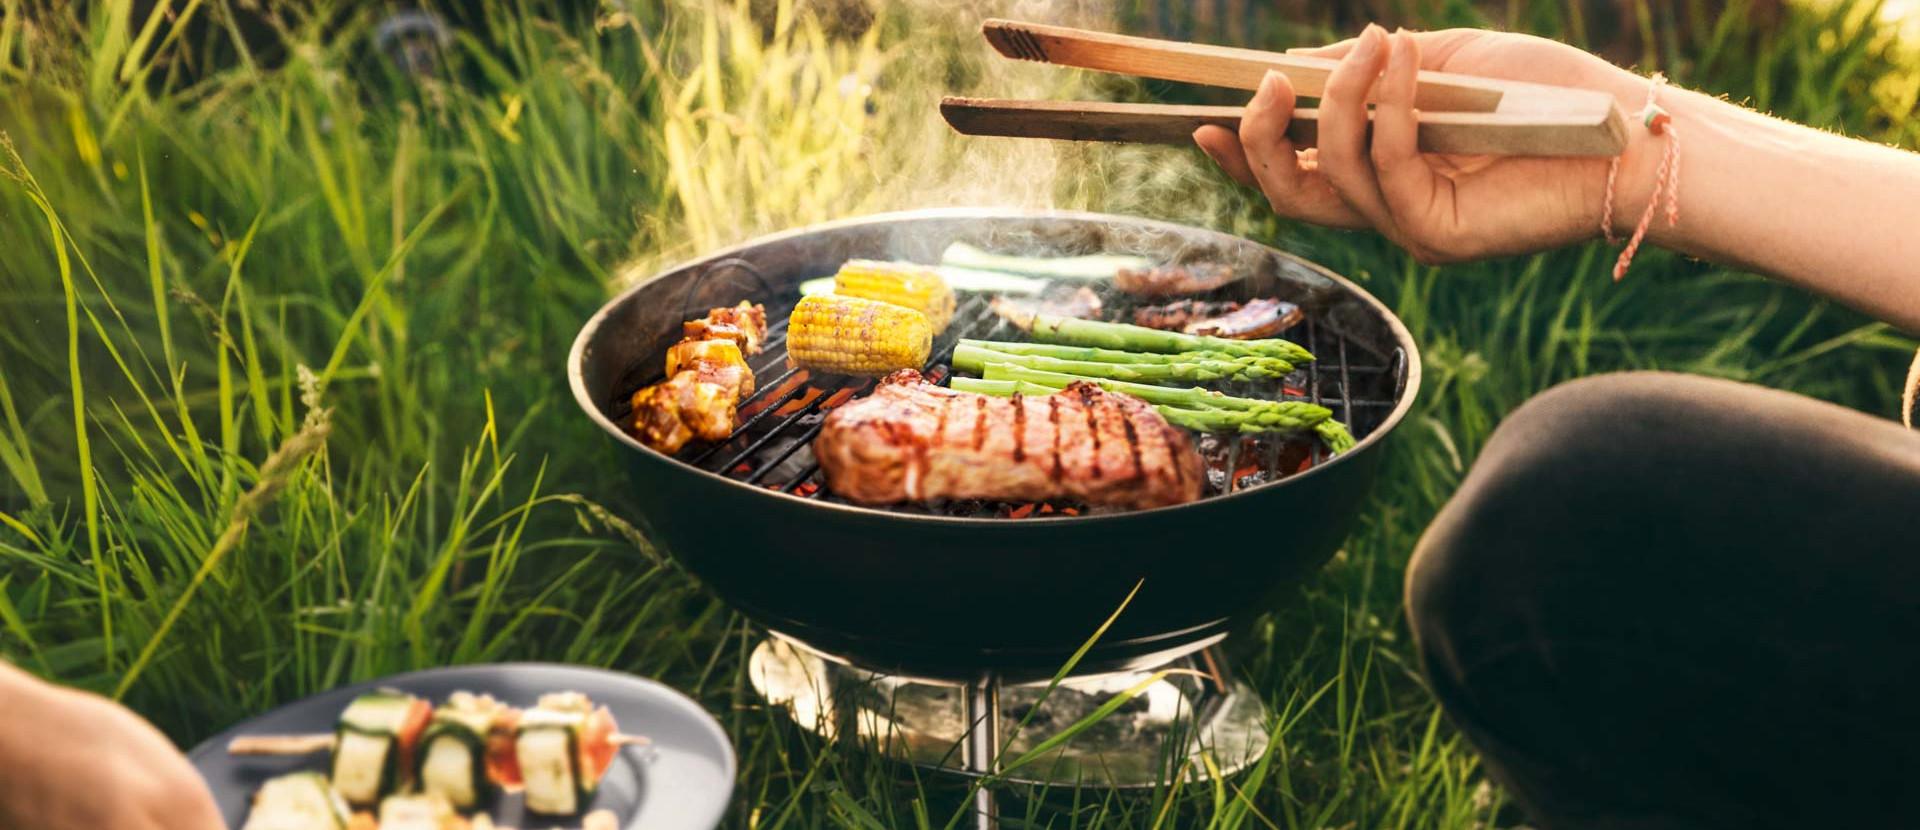 Grill mit Spargel, Steak und Maiskolben steht in Wiese